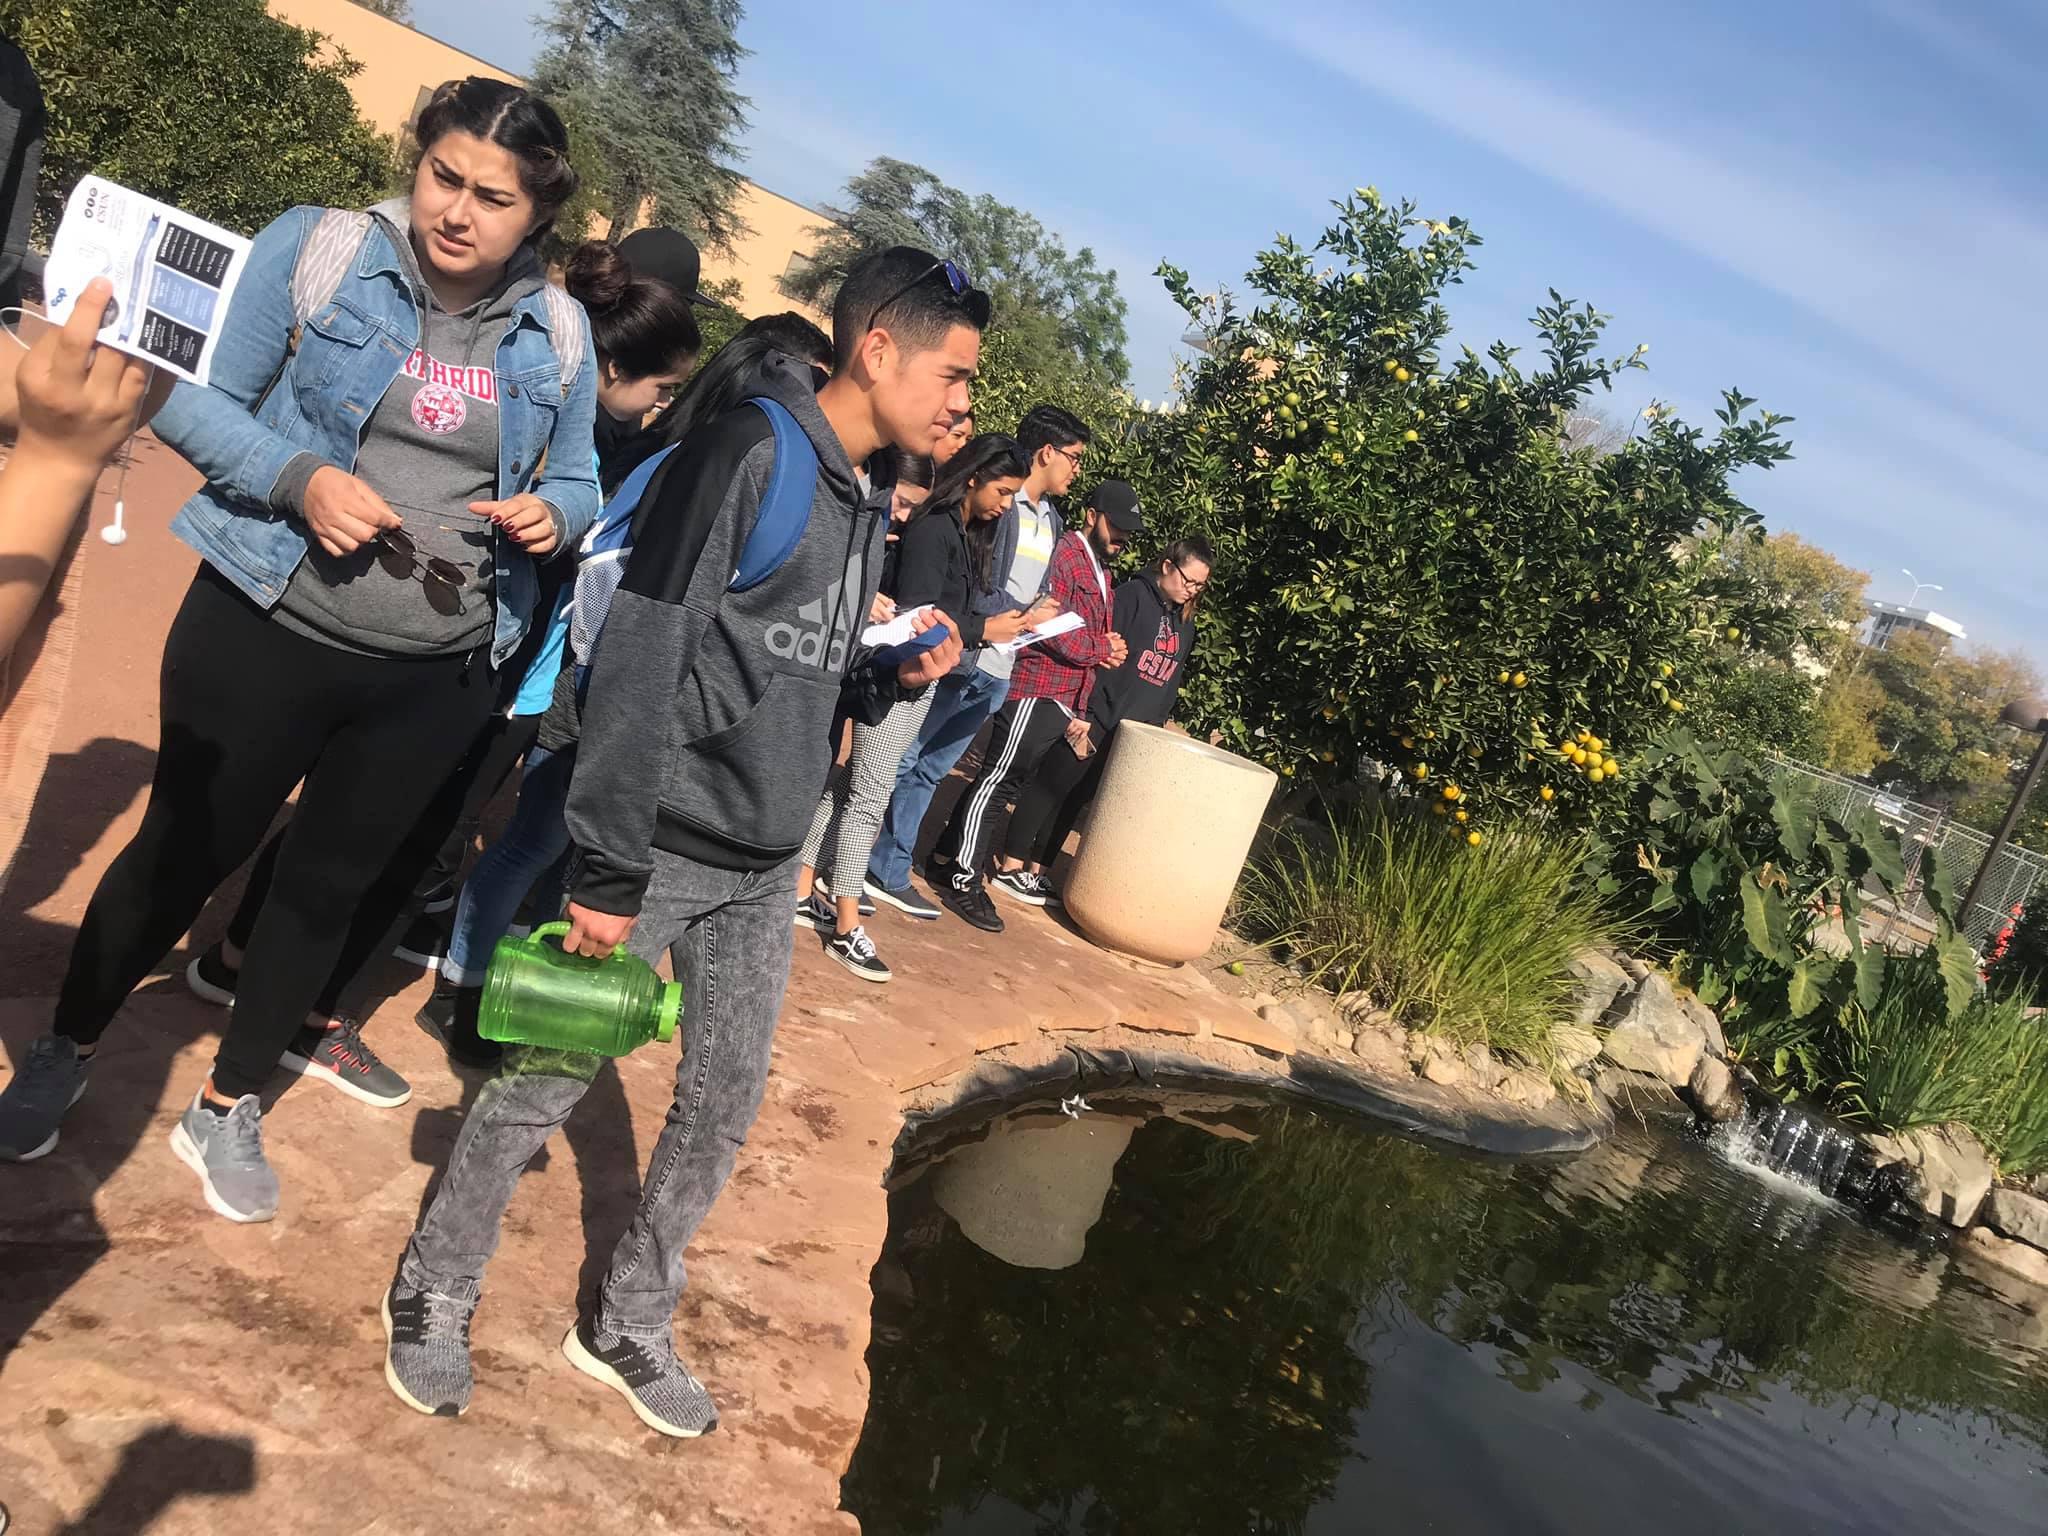 CSUN_Campus_Tour_15